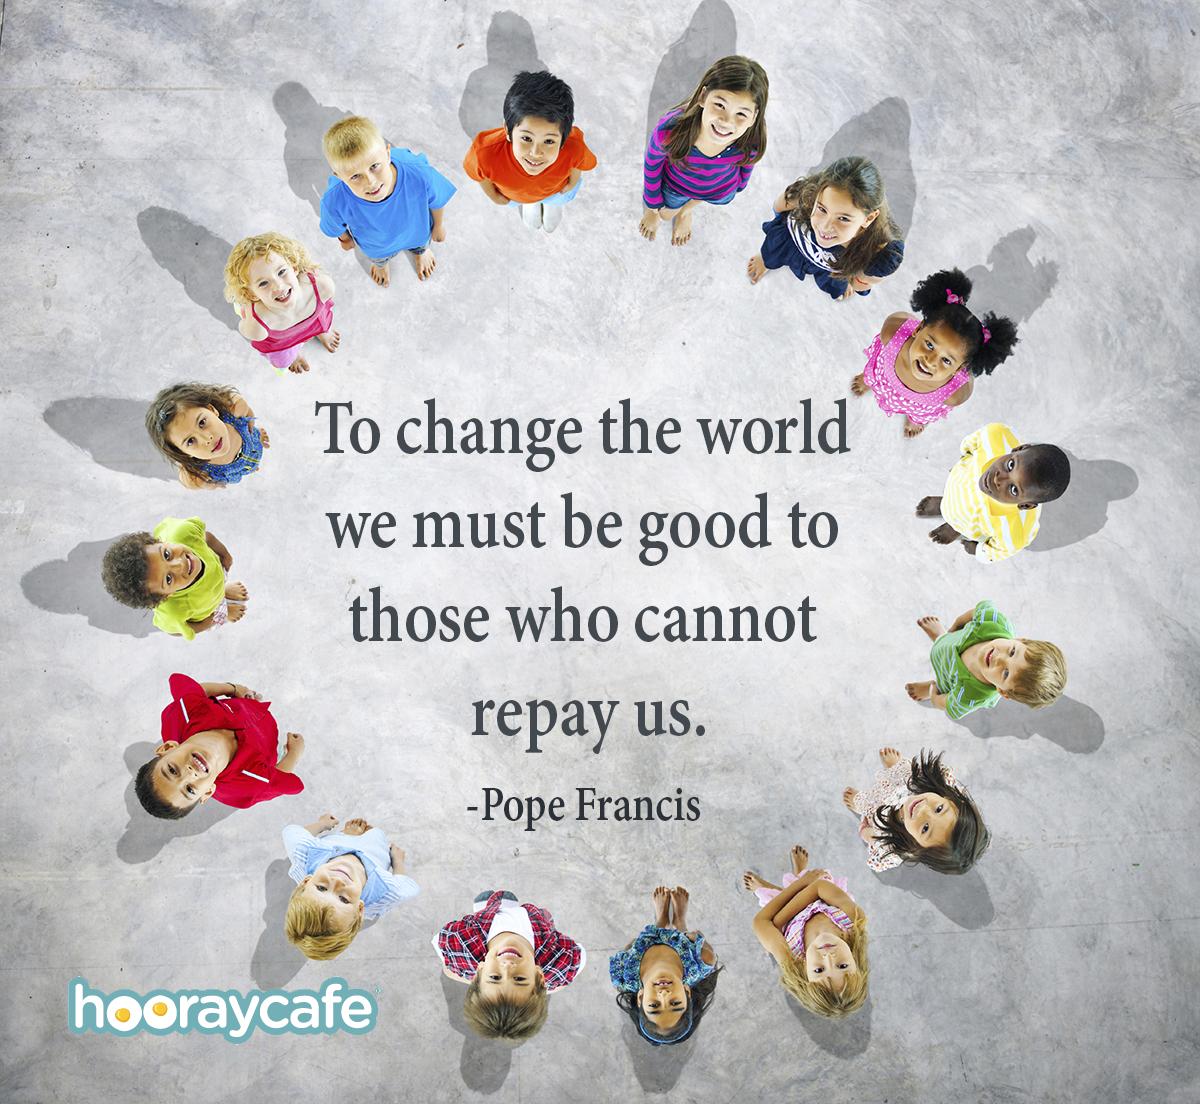 www.hooraycafe.com